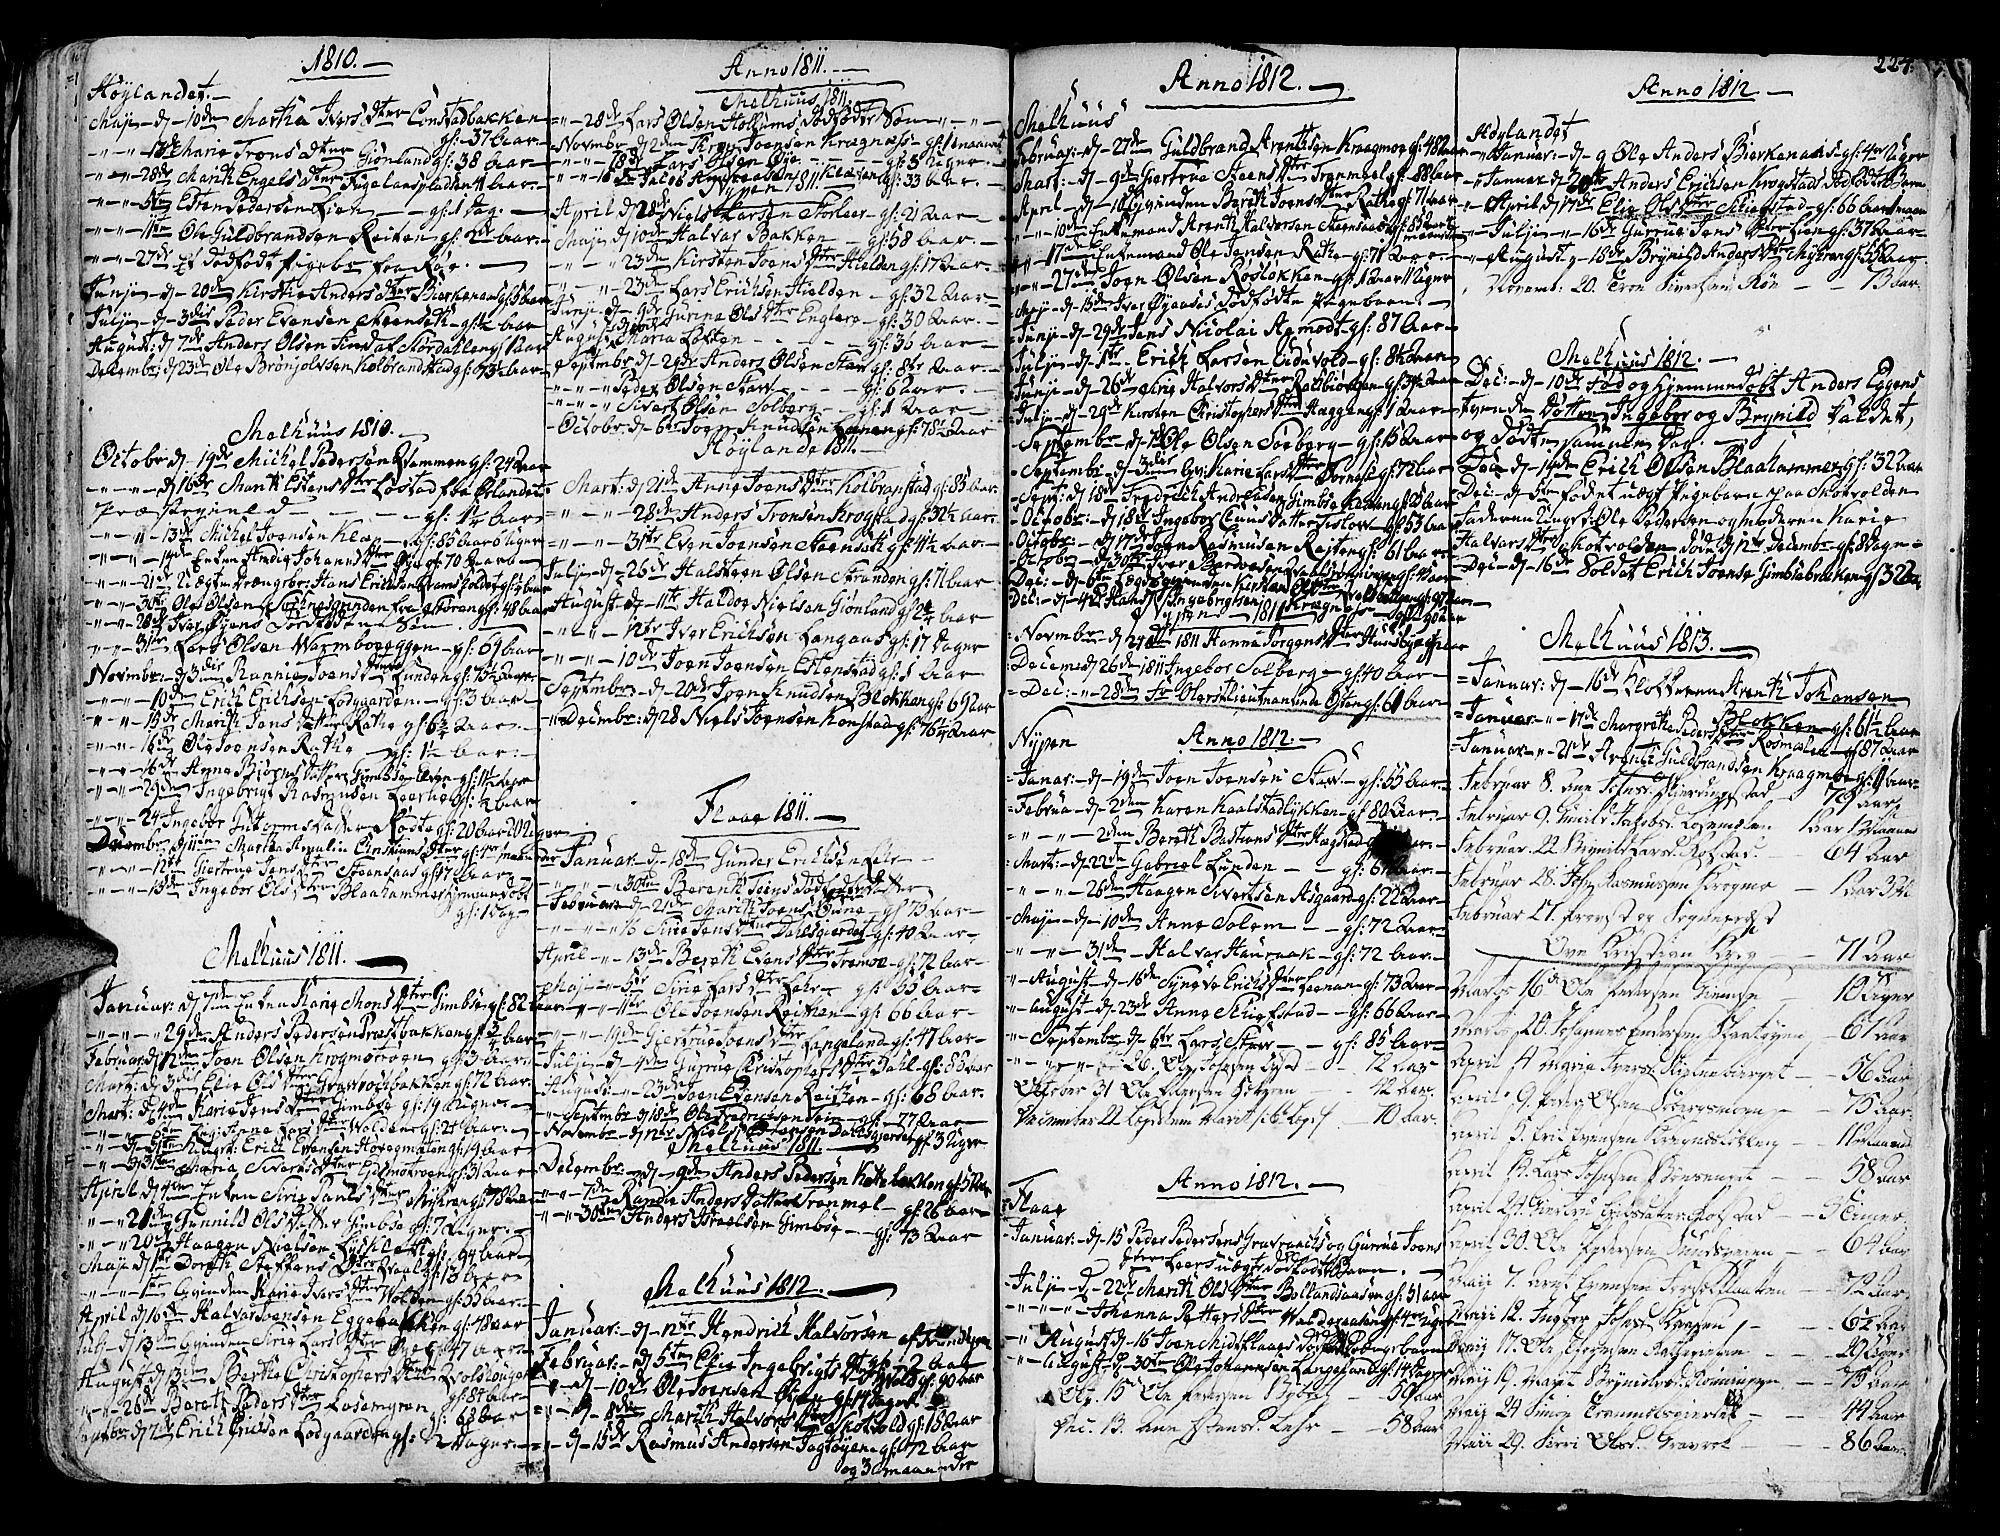 SAT, Ministerialprotokoller, klokkerbøker og fødselsregistre - Sør-Trøndelag, 691/L1061: Ministerialbok nr. 691A02 /1, 1768-1815, s. 224